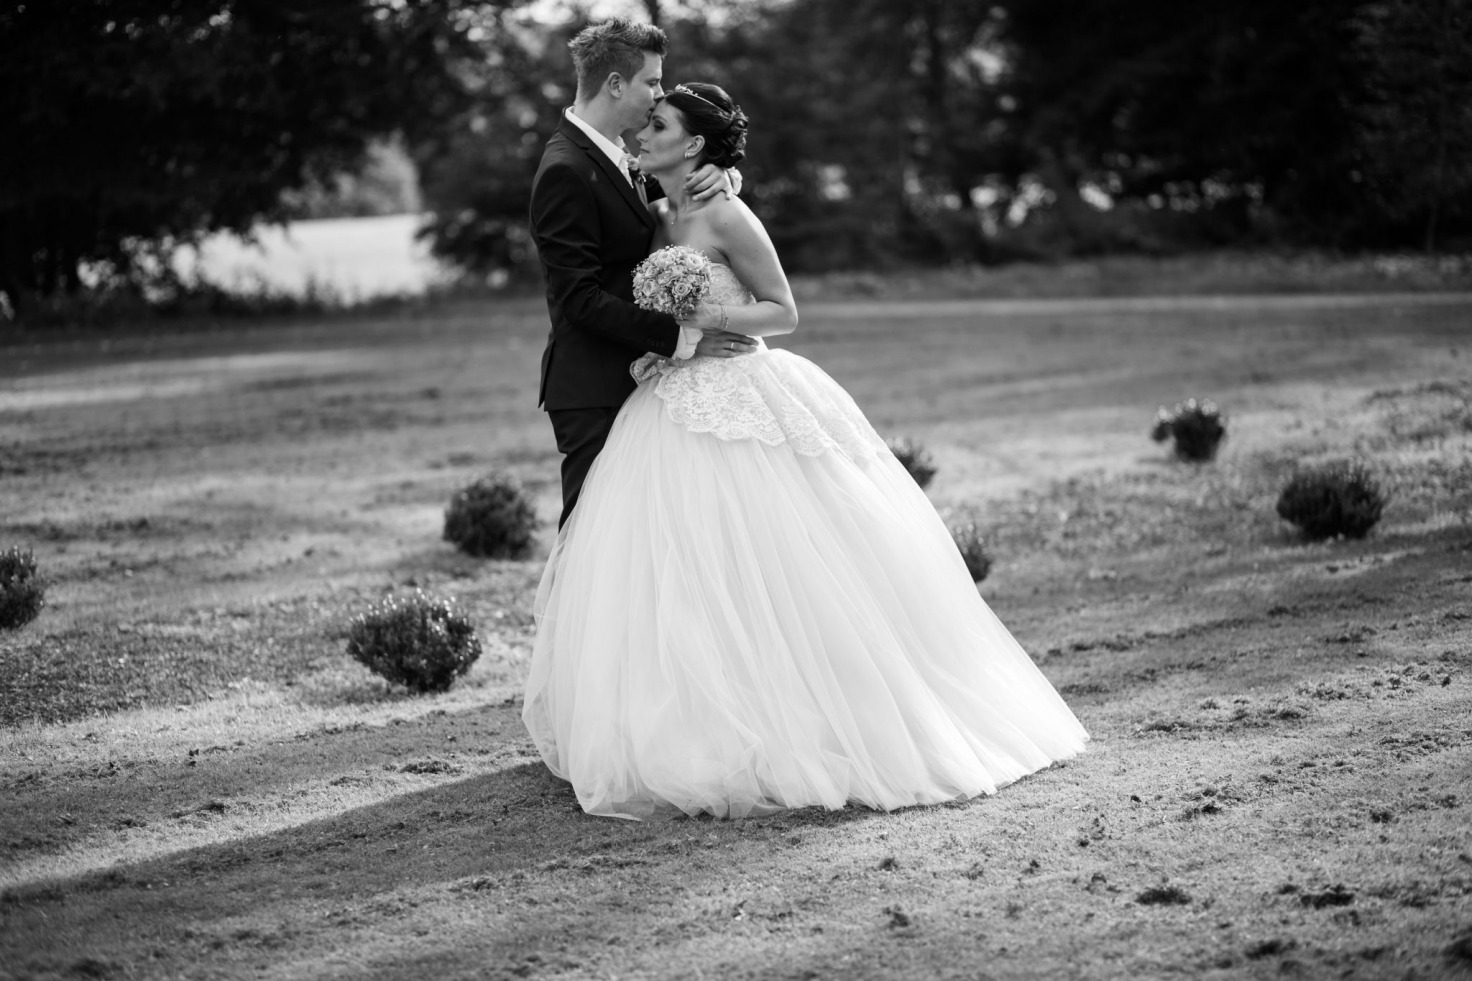 Hochzeit von Tine und Phillip in Münster: Brautpaar steht auf dem Feld